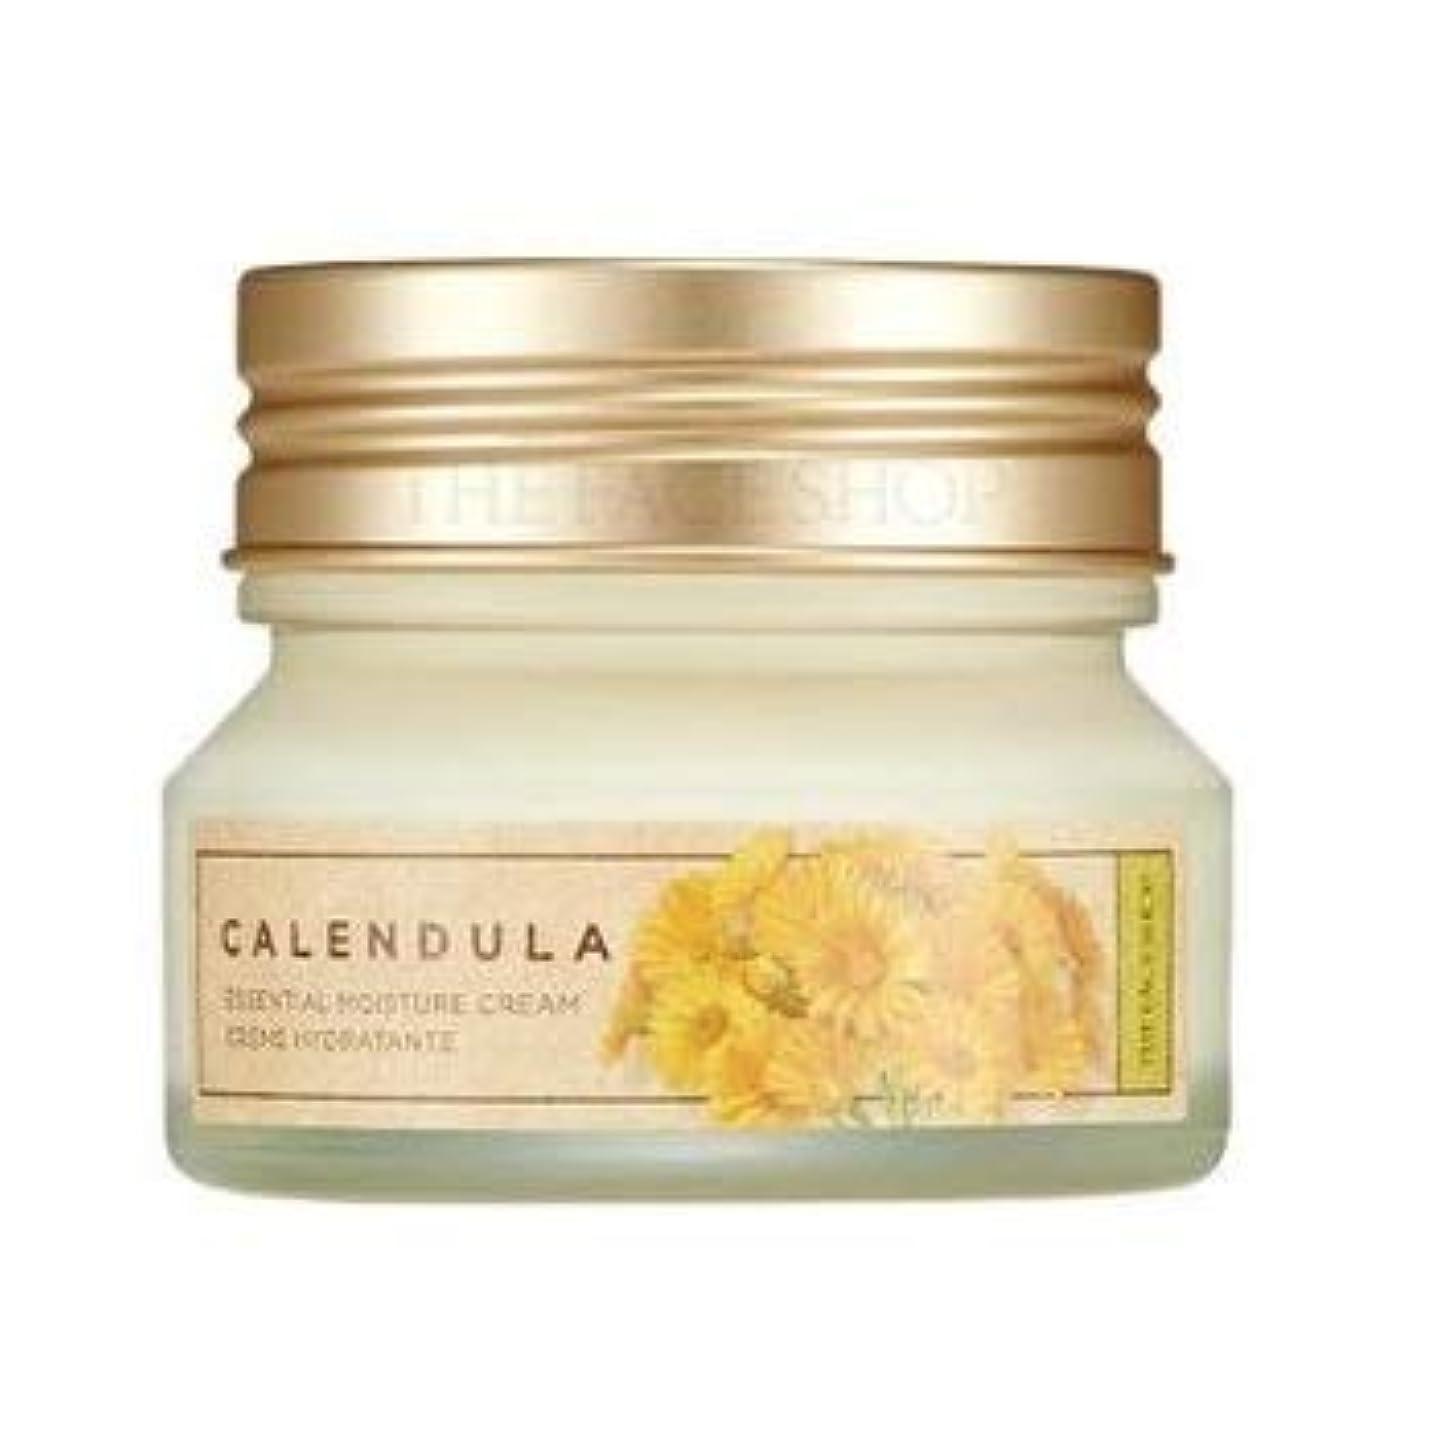 説明するダーリン徹底的にTHE FACE SHOP Calendula Essential Moisture Cream ザフェイスショップ カレンデュラ エッセンシャル モイスチャー クリーム [並行輸入品]